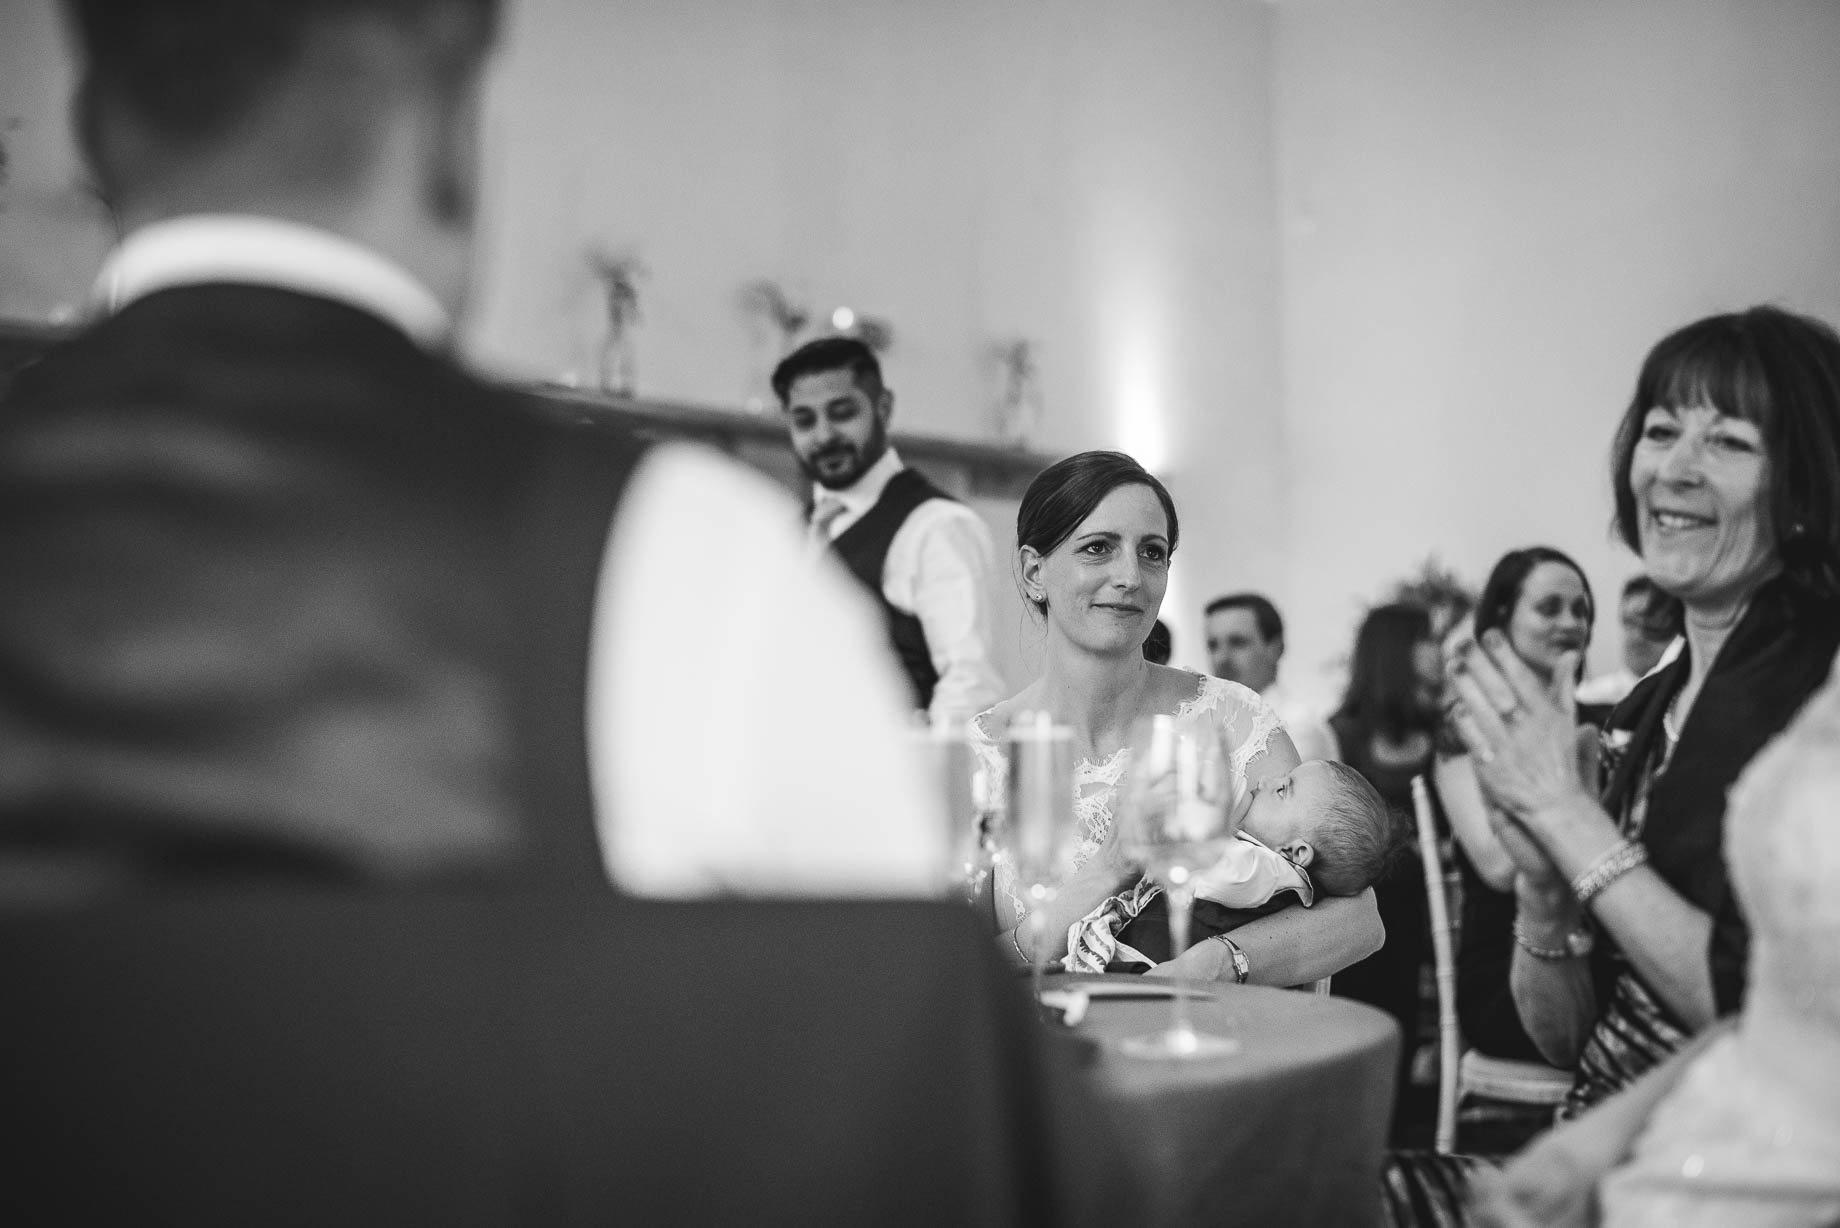 Millbridge Court Wedding Photography - Lisa and Daniel (131 of 173)